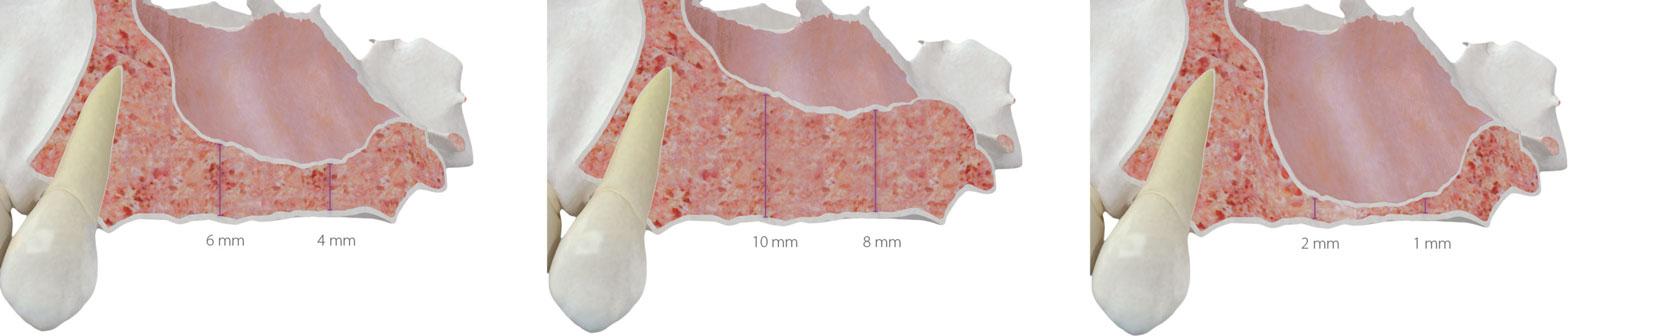 estimation-de-la-hauteur-osseuse